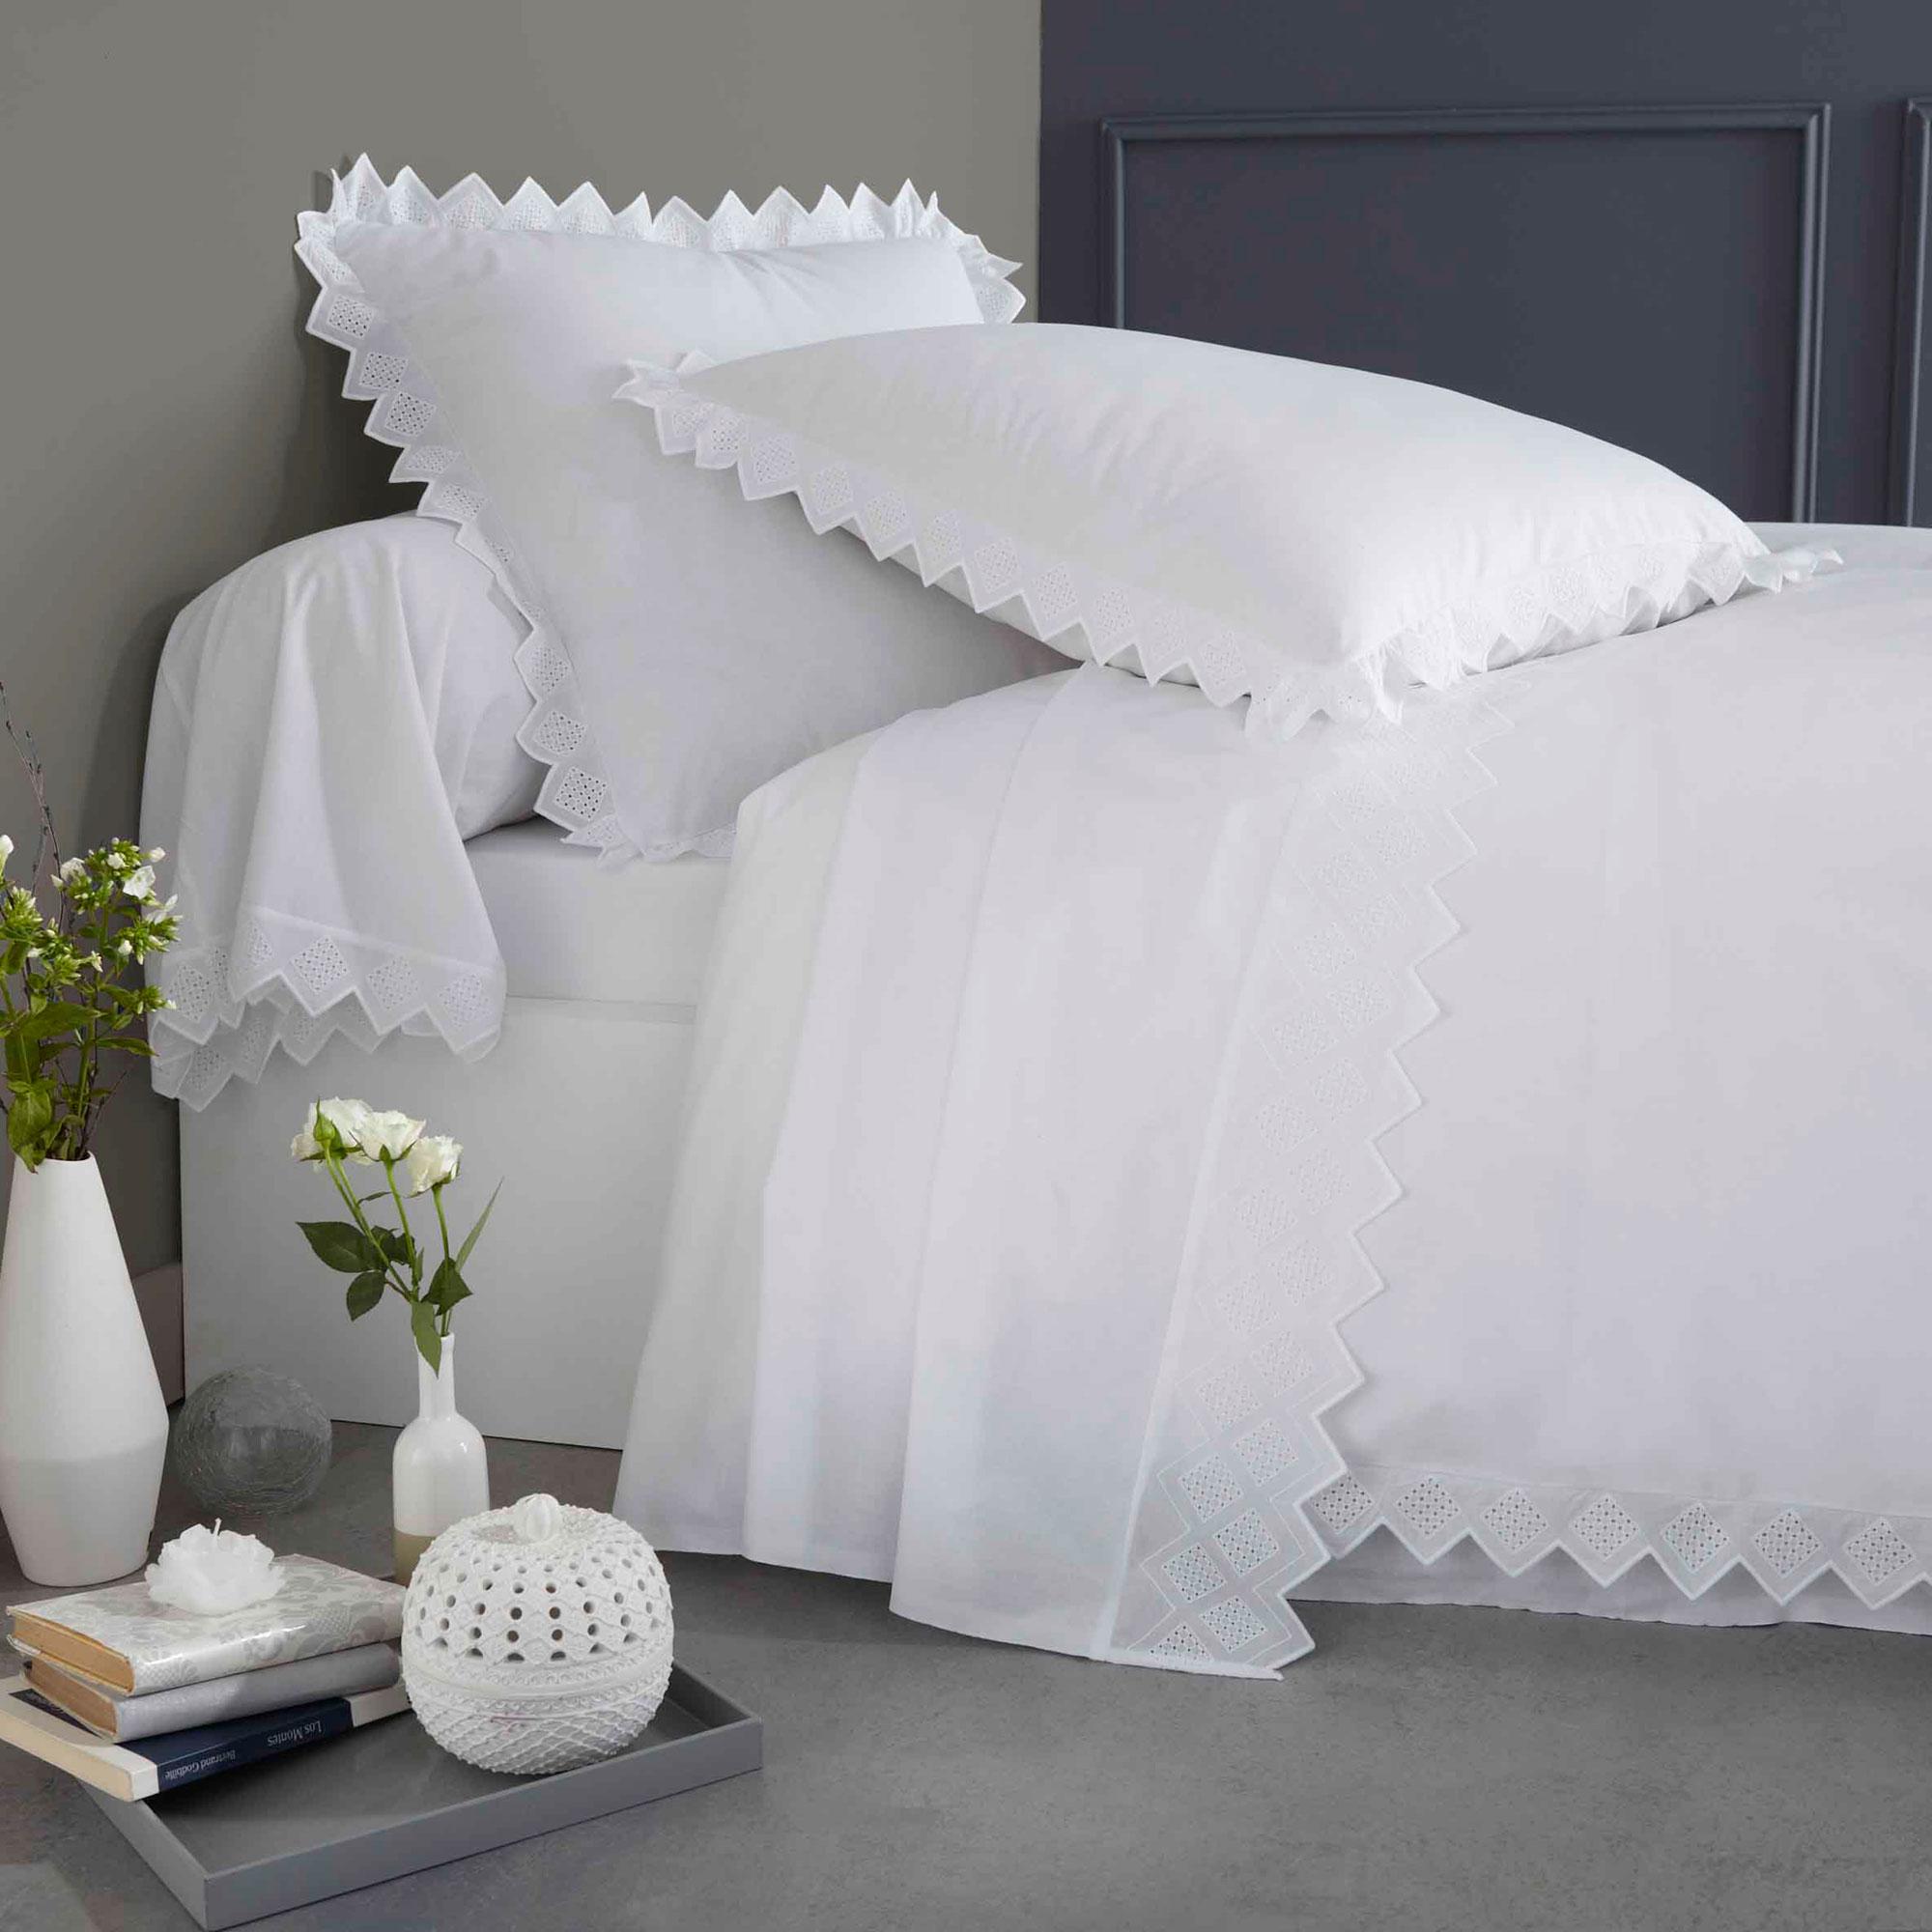 Housse de couette brodée en coton blanc 140x200